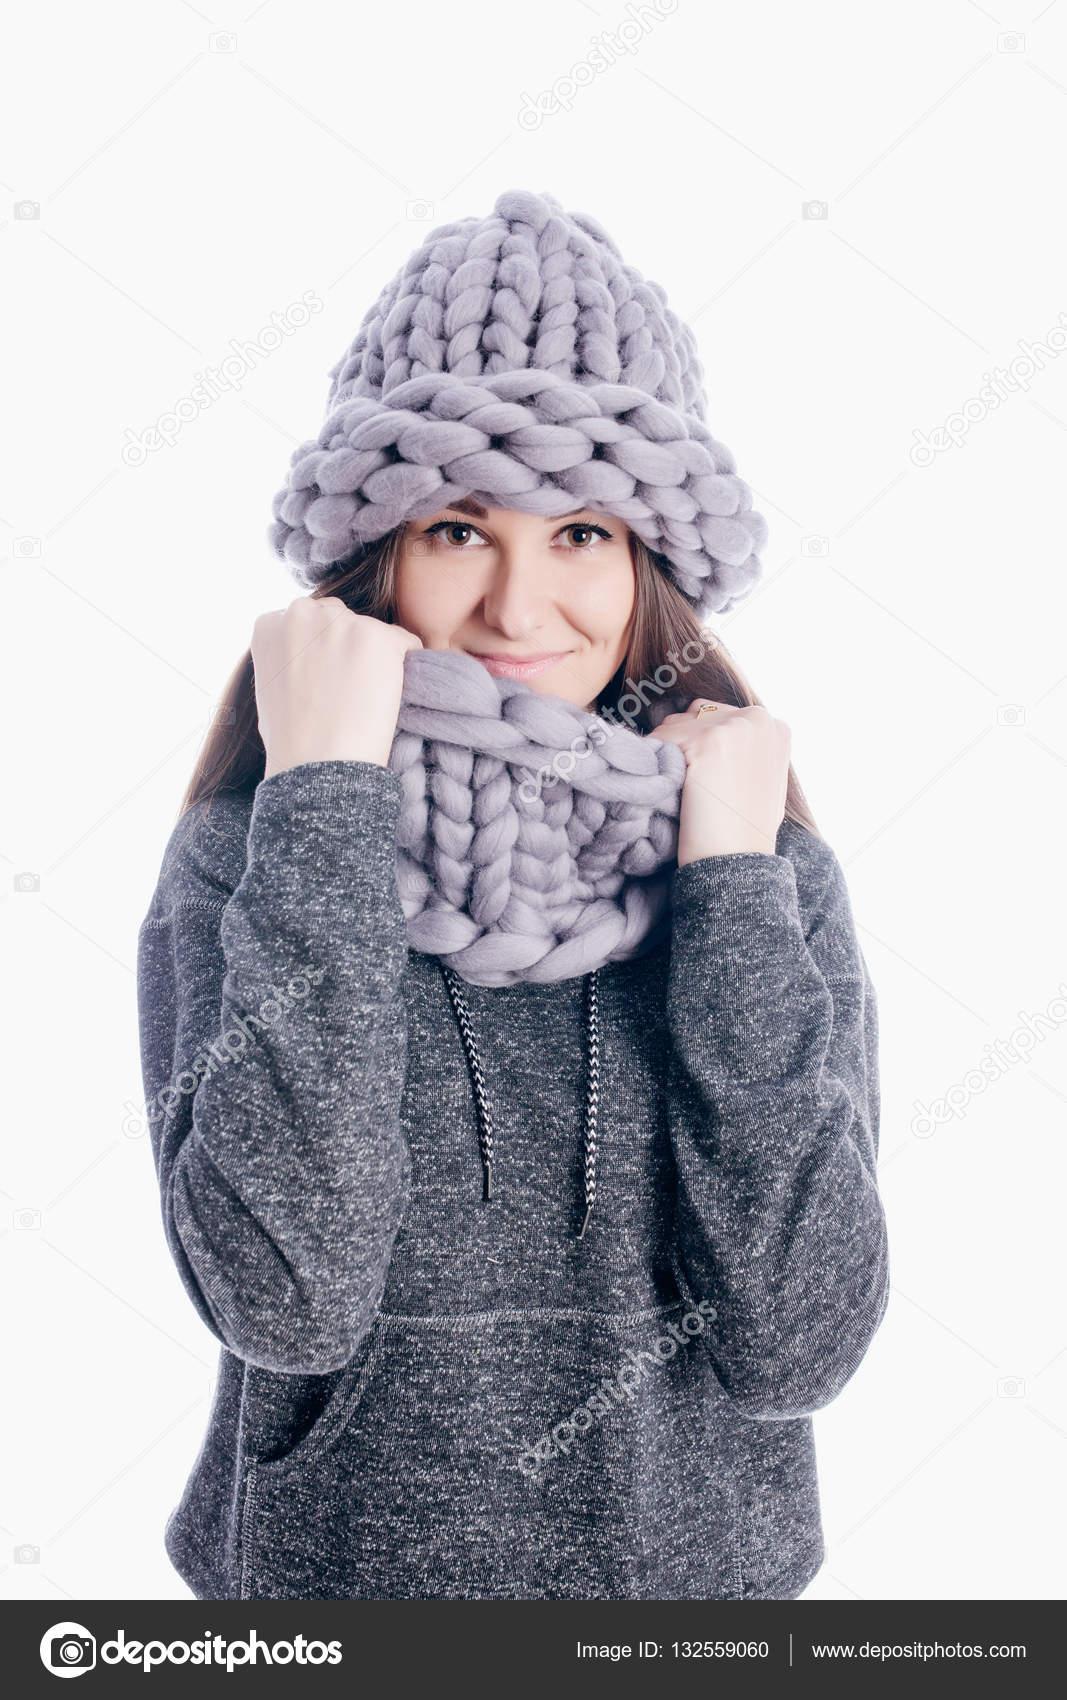 Donna abbastanza giovane grigio sciarpa e cappello isolato su priorità  bassa bianca — Foto di andreychuk7.92.gmail.com b669617016c5